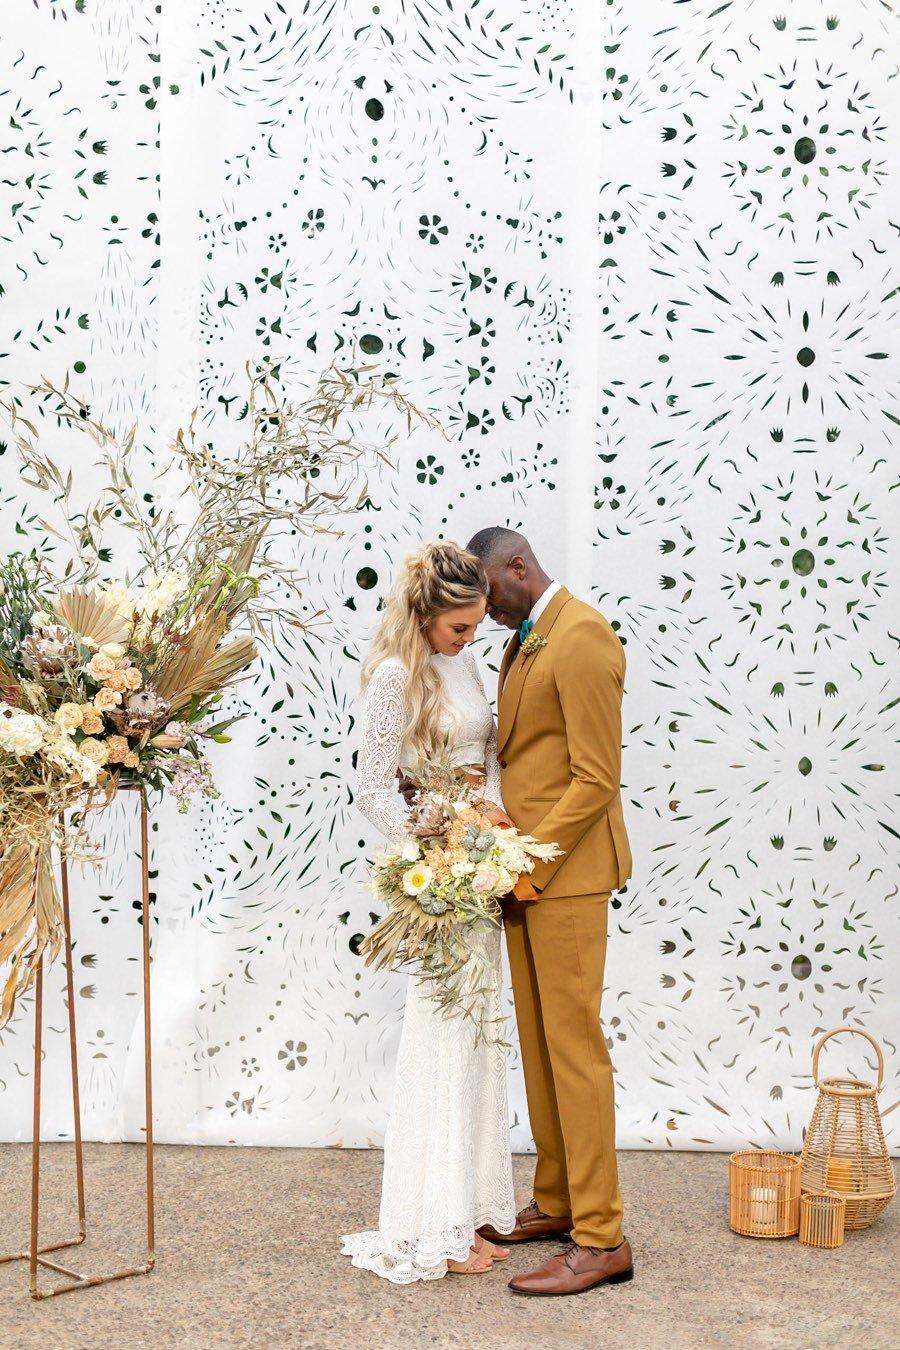 papel picado ceremony backdrop